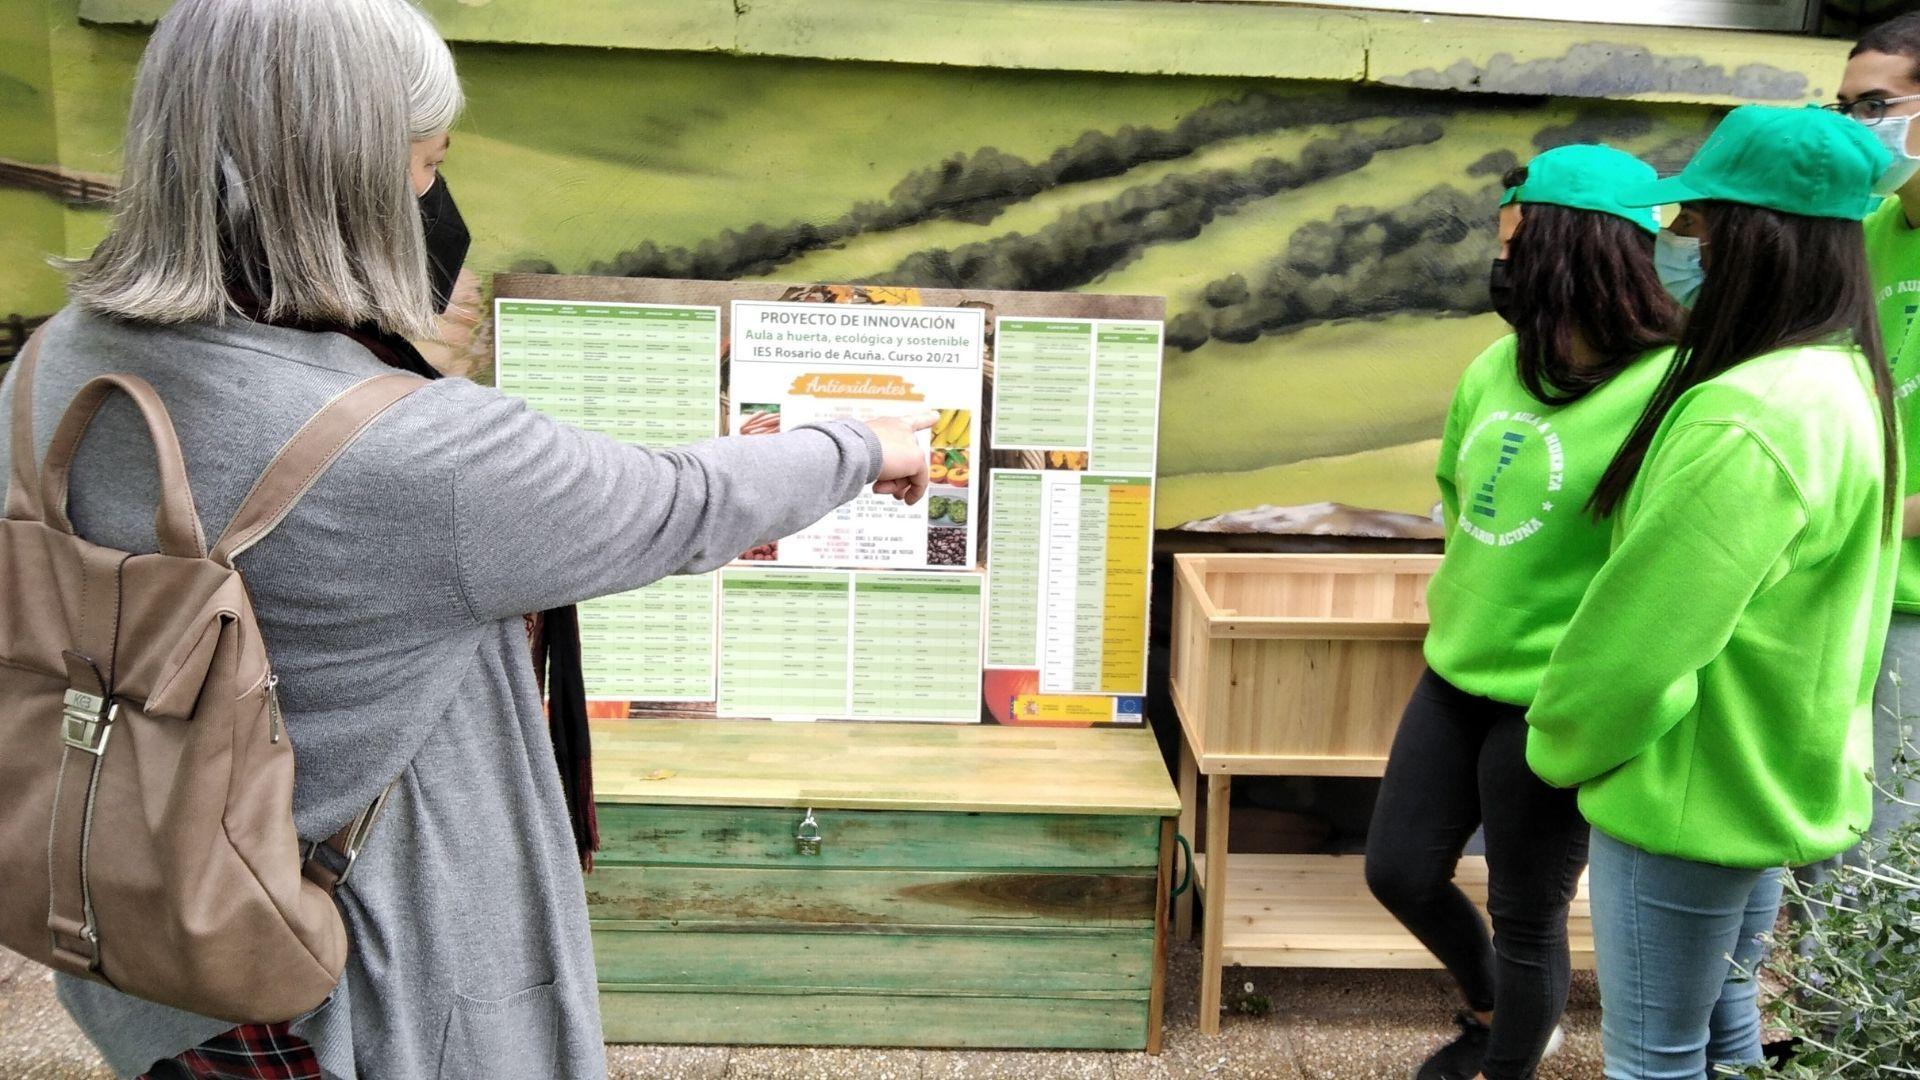 huerto escolar asturias.Clara Rosa Rodríguez señala el panel con las asociaciones de la huerta ecológica